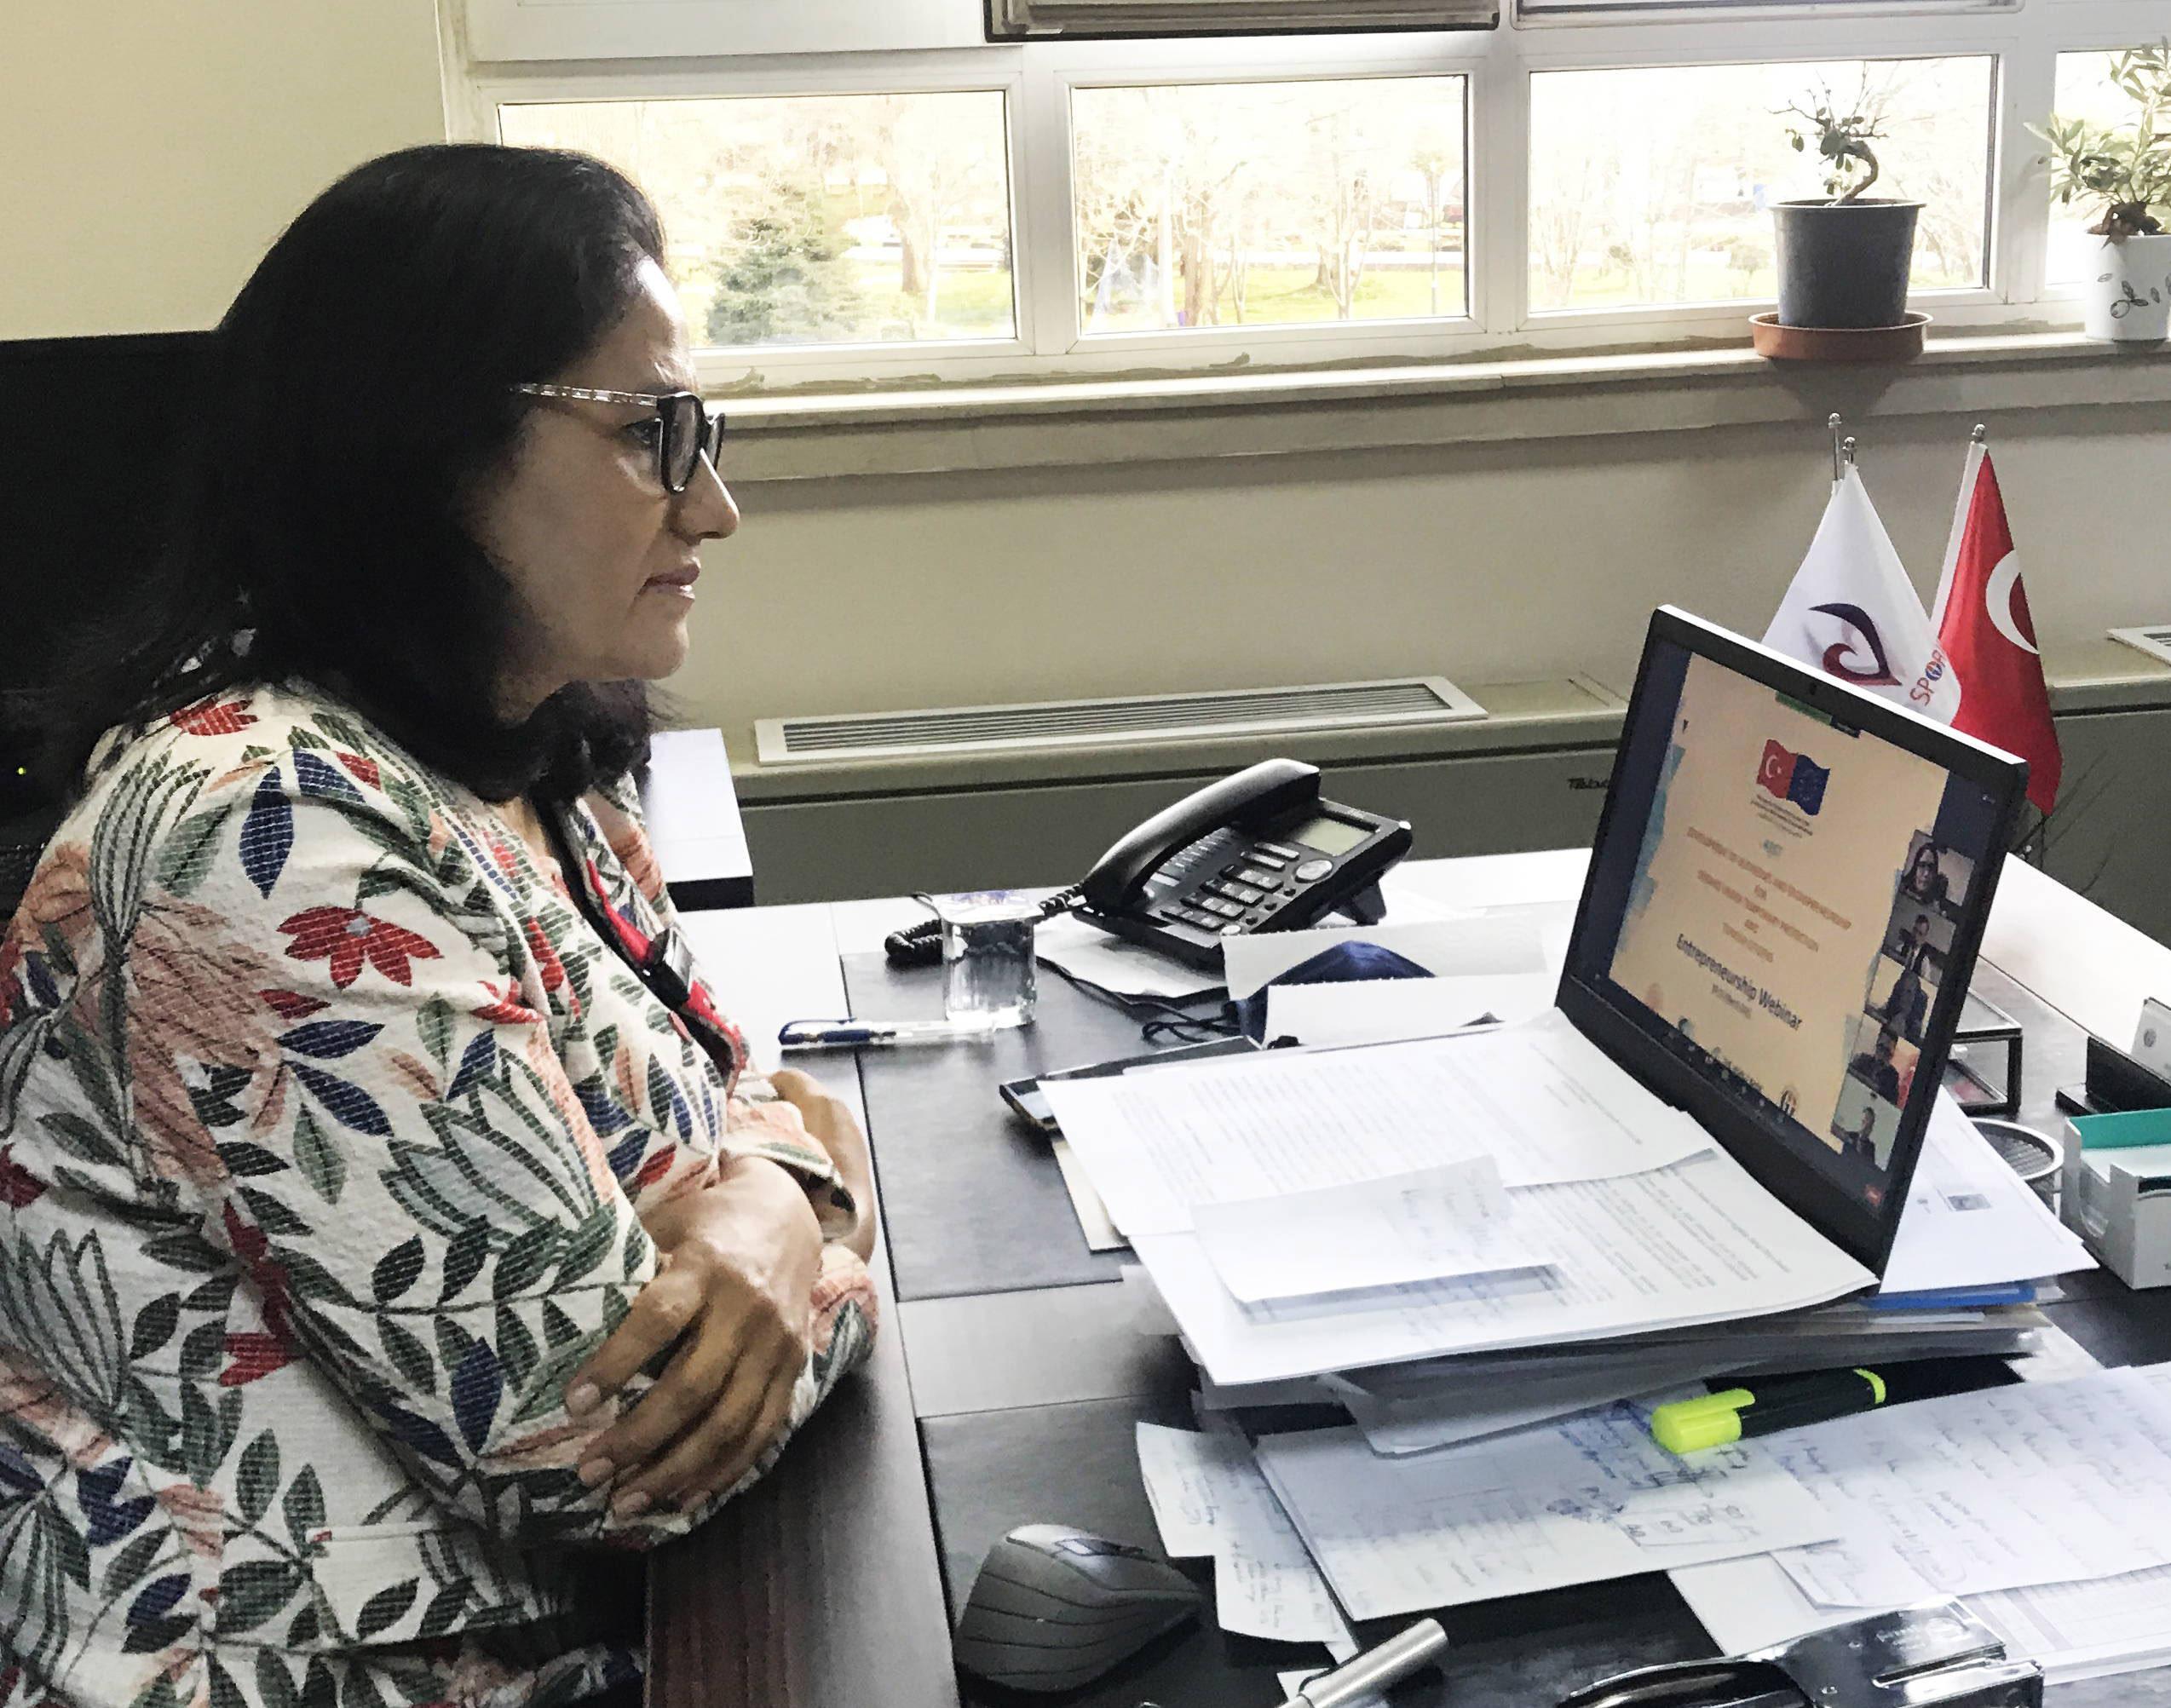 GİRİŞİMCİLİK ONLİNE KONFERANSININ İLK OTURUMU GERÇEKLEŞTİ-Prof. Dr. Ayşe Balat